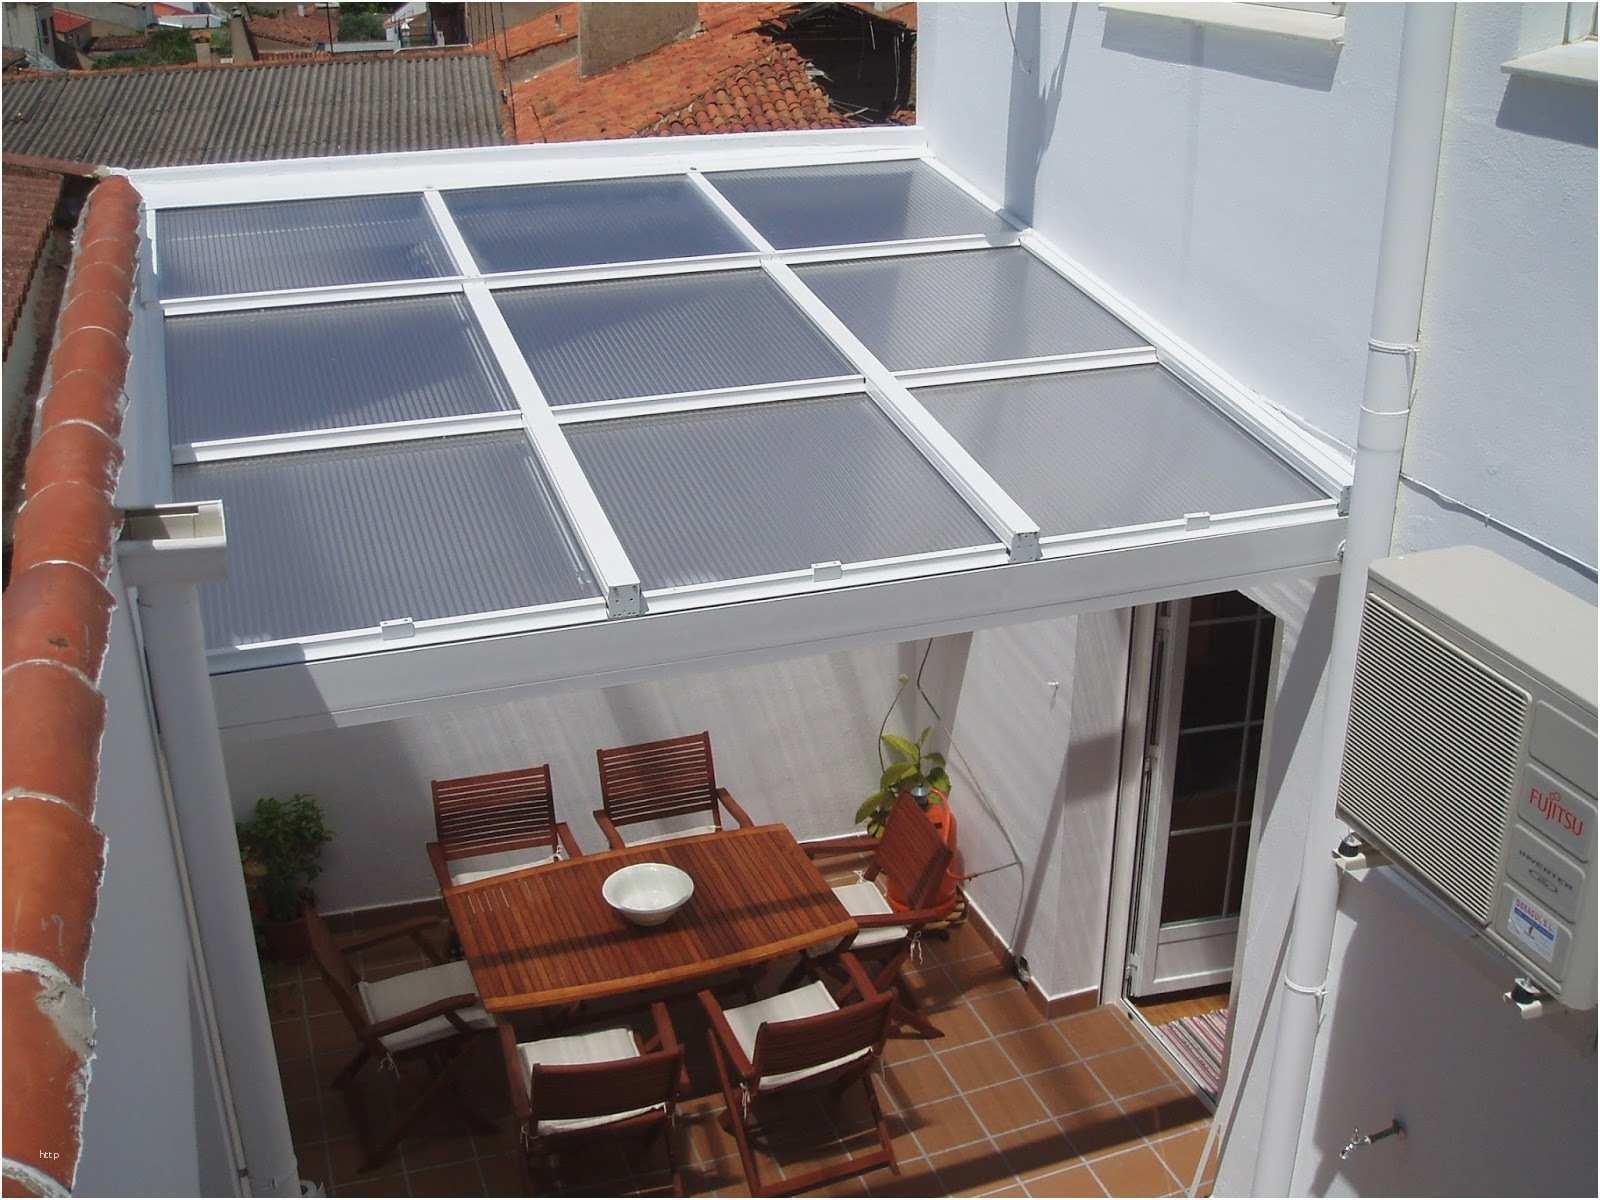 Techos para patios economicos patio ideas Fotos de techos para patios